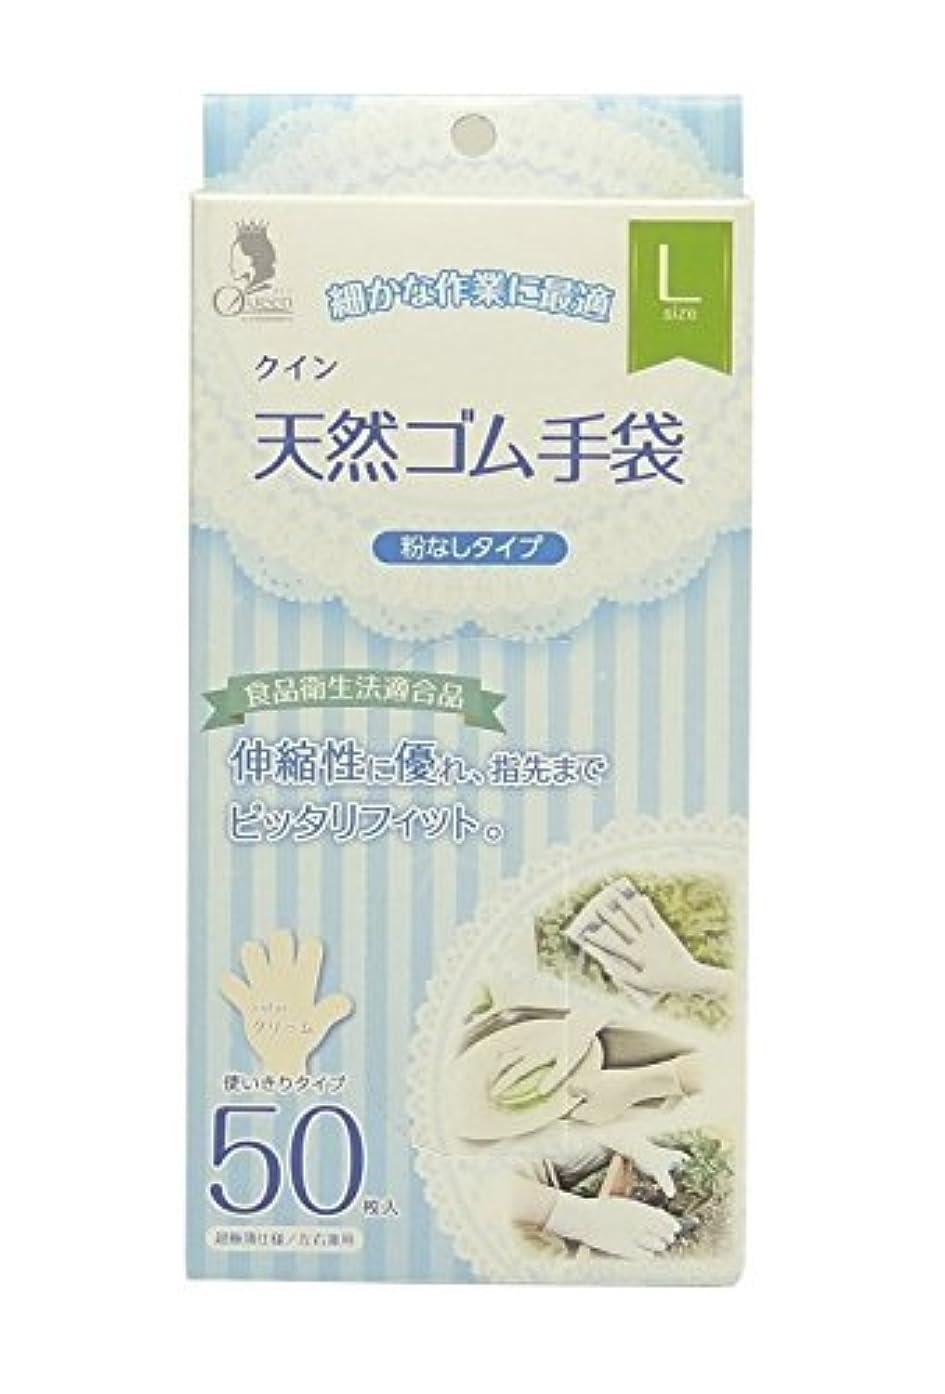 擬人満たすかすれたクイン 天然ゴム手袋(パウダーフリー) L 50枚 ≪おまとめセット【6個】≫